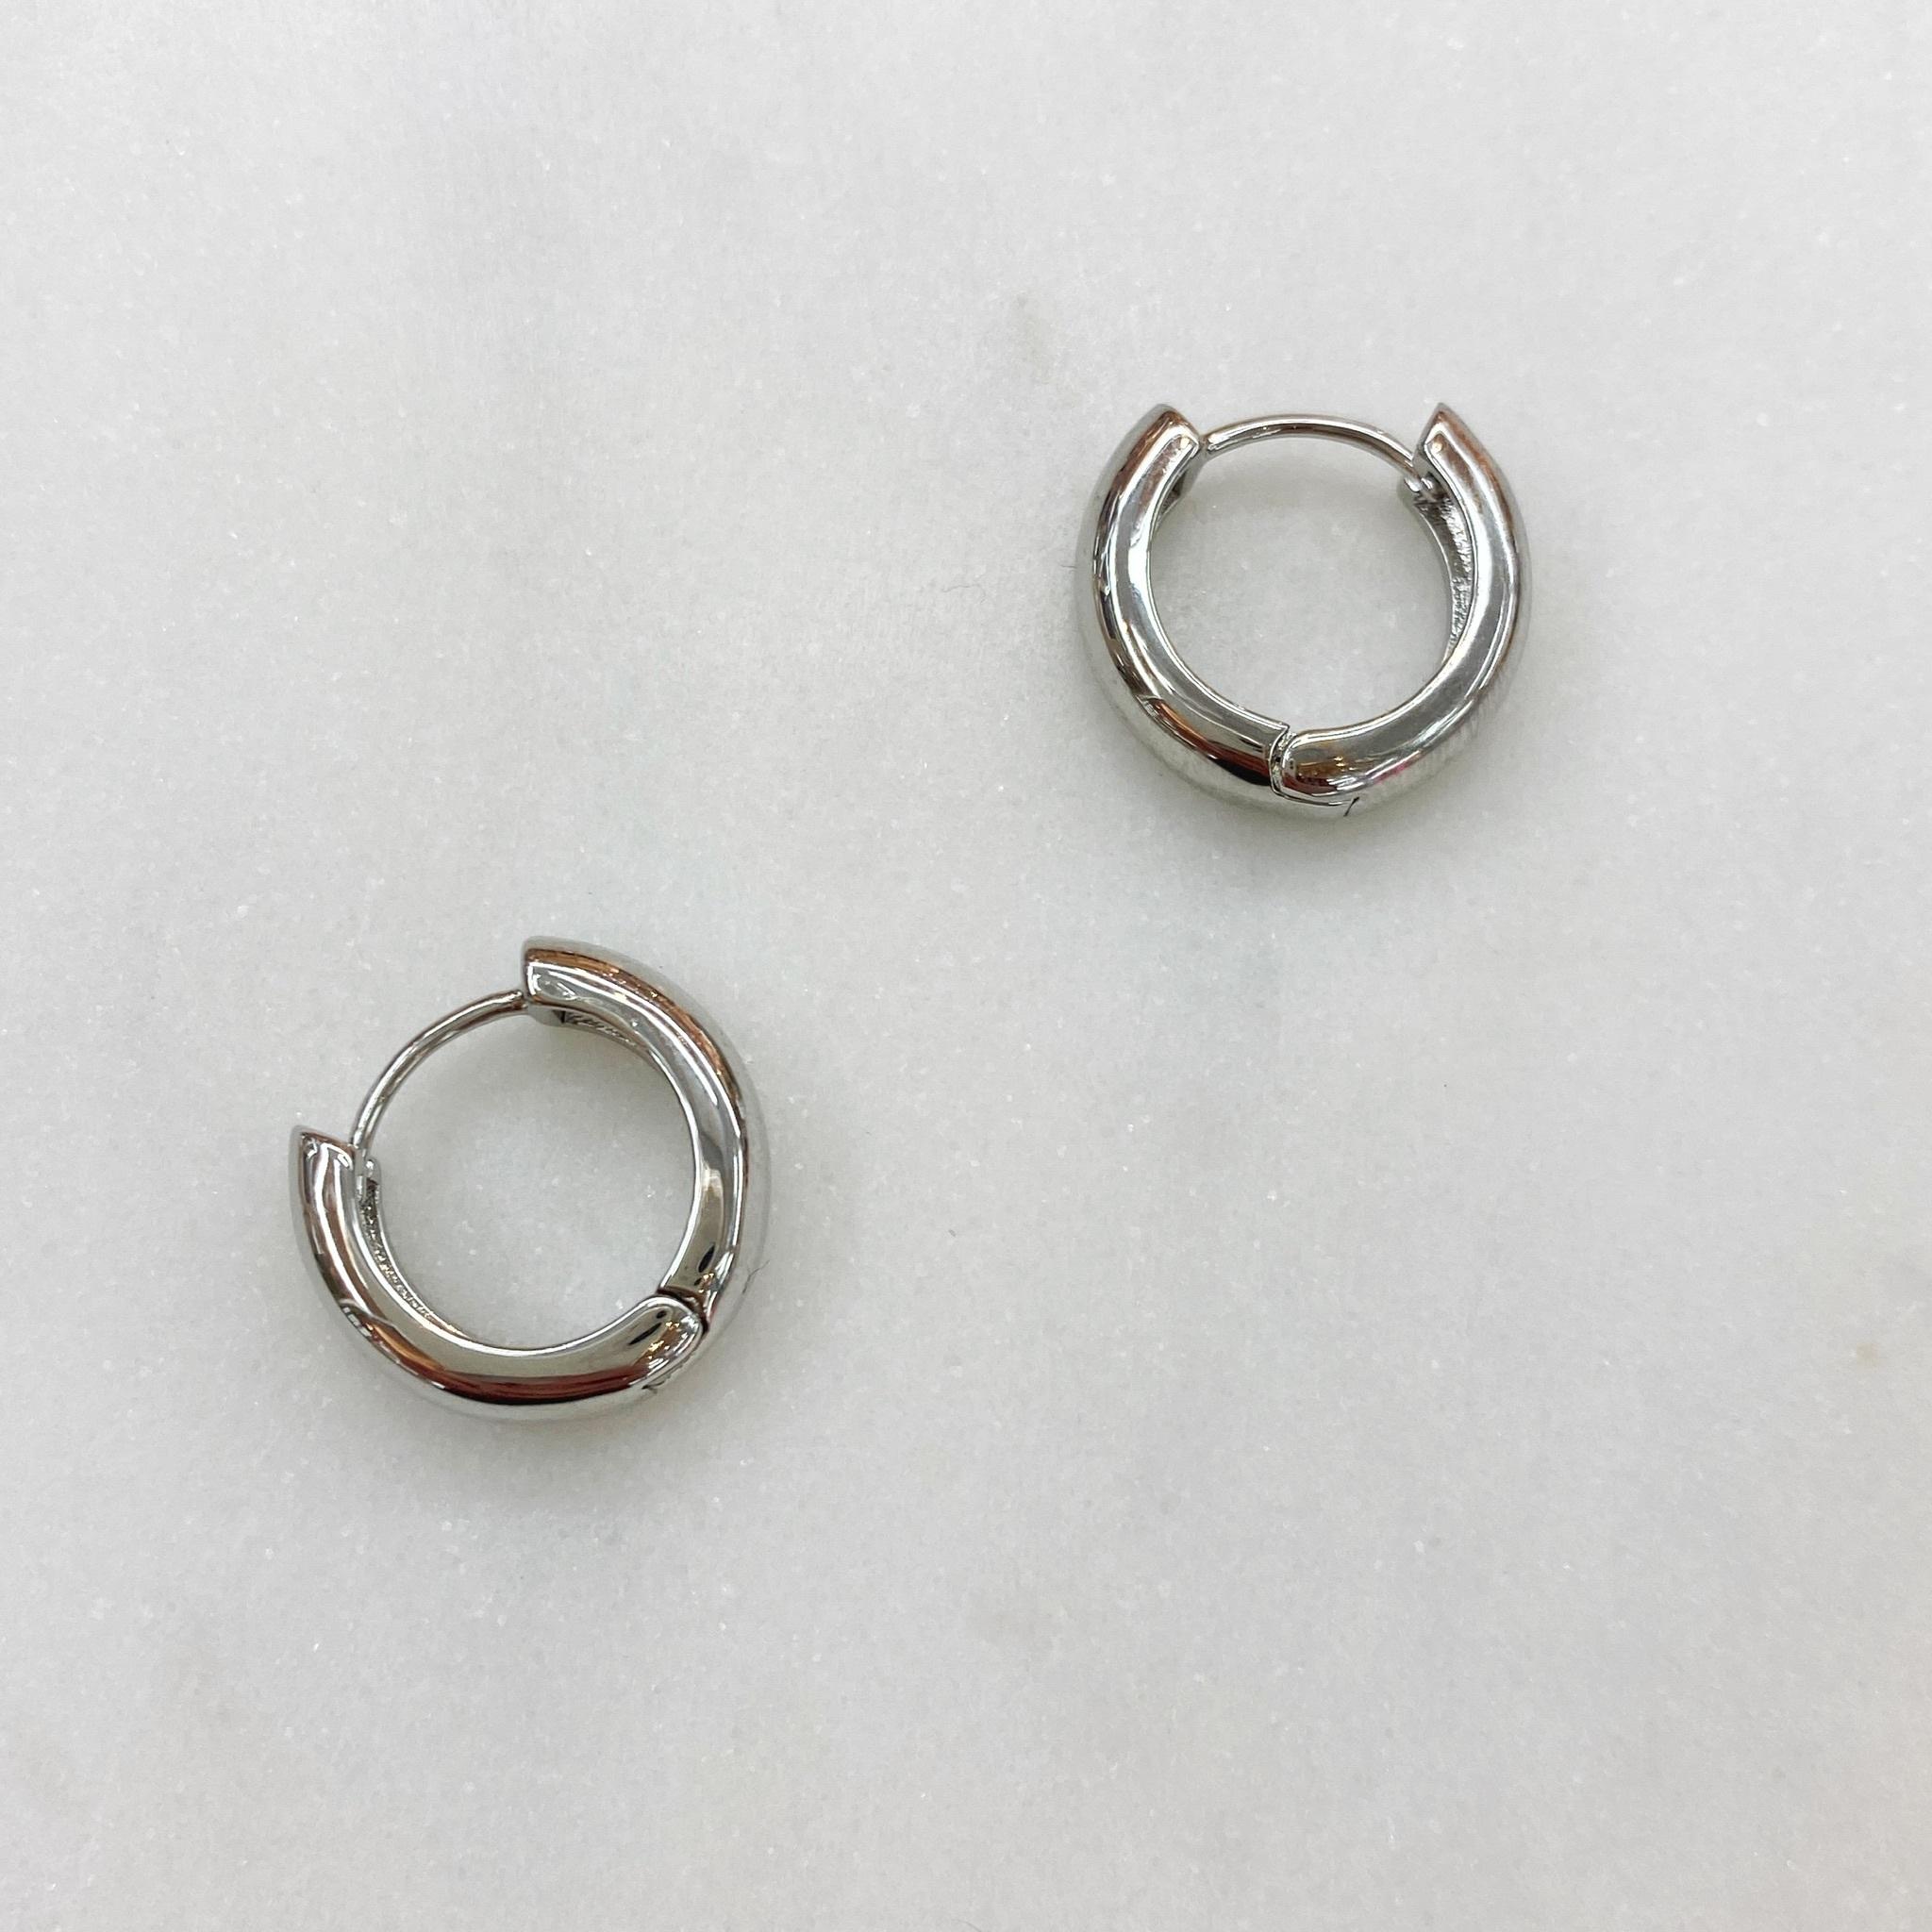 Серьги мини-конго объемные 1,5 см (серебристый)